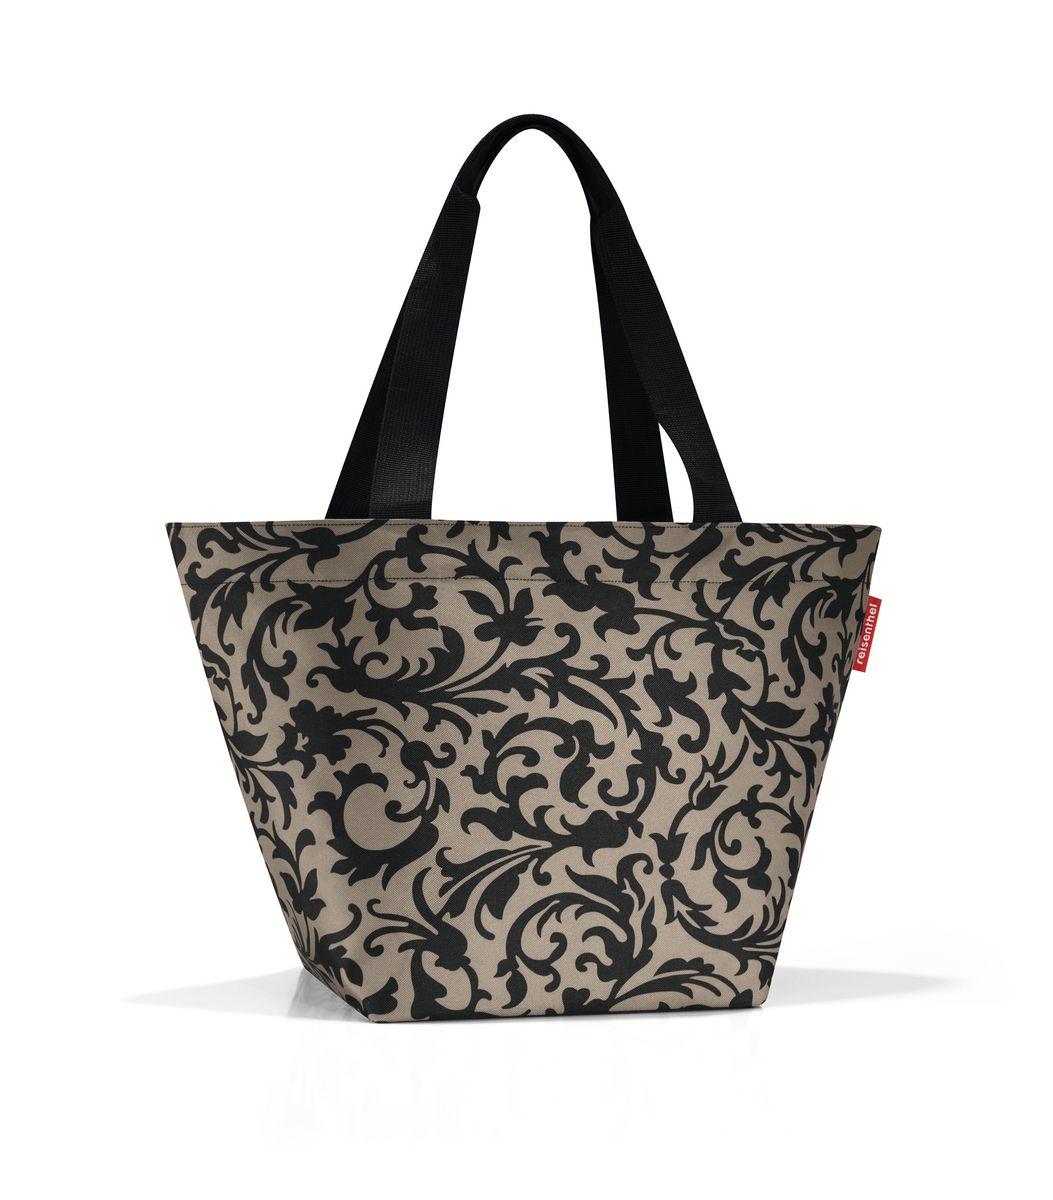 Сумка женская Reisenthel, цвет: черный, бежевый. ZS7027ZS7027Вместительная женская сумка Reisenthel изготовлена из полиэстера с оригинальным принтом. Сумка имеет одно отделение, которое закрывается на застежку-молнию с двумя бегунками. Внутри имеется нашивной карман на застежке-молнии. Изделие оснащено двумя текстильными ручками, которые позволяют носить сумку на плече или на запястье. Сумка Reisenthel станет незаменимой в путешествии, а так же ее можно использовать для похода по магазинам.